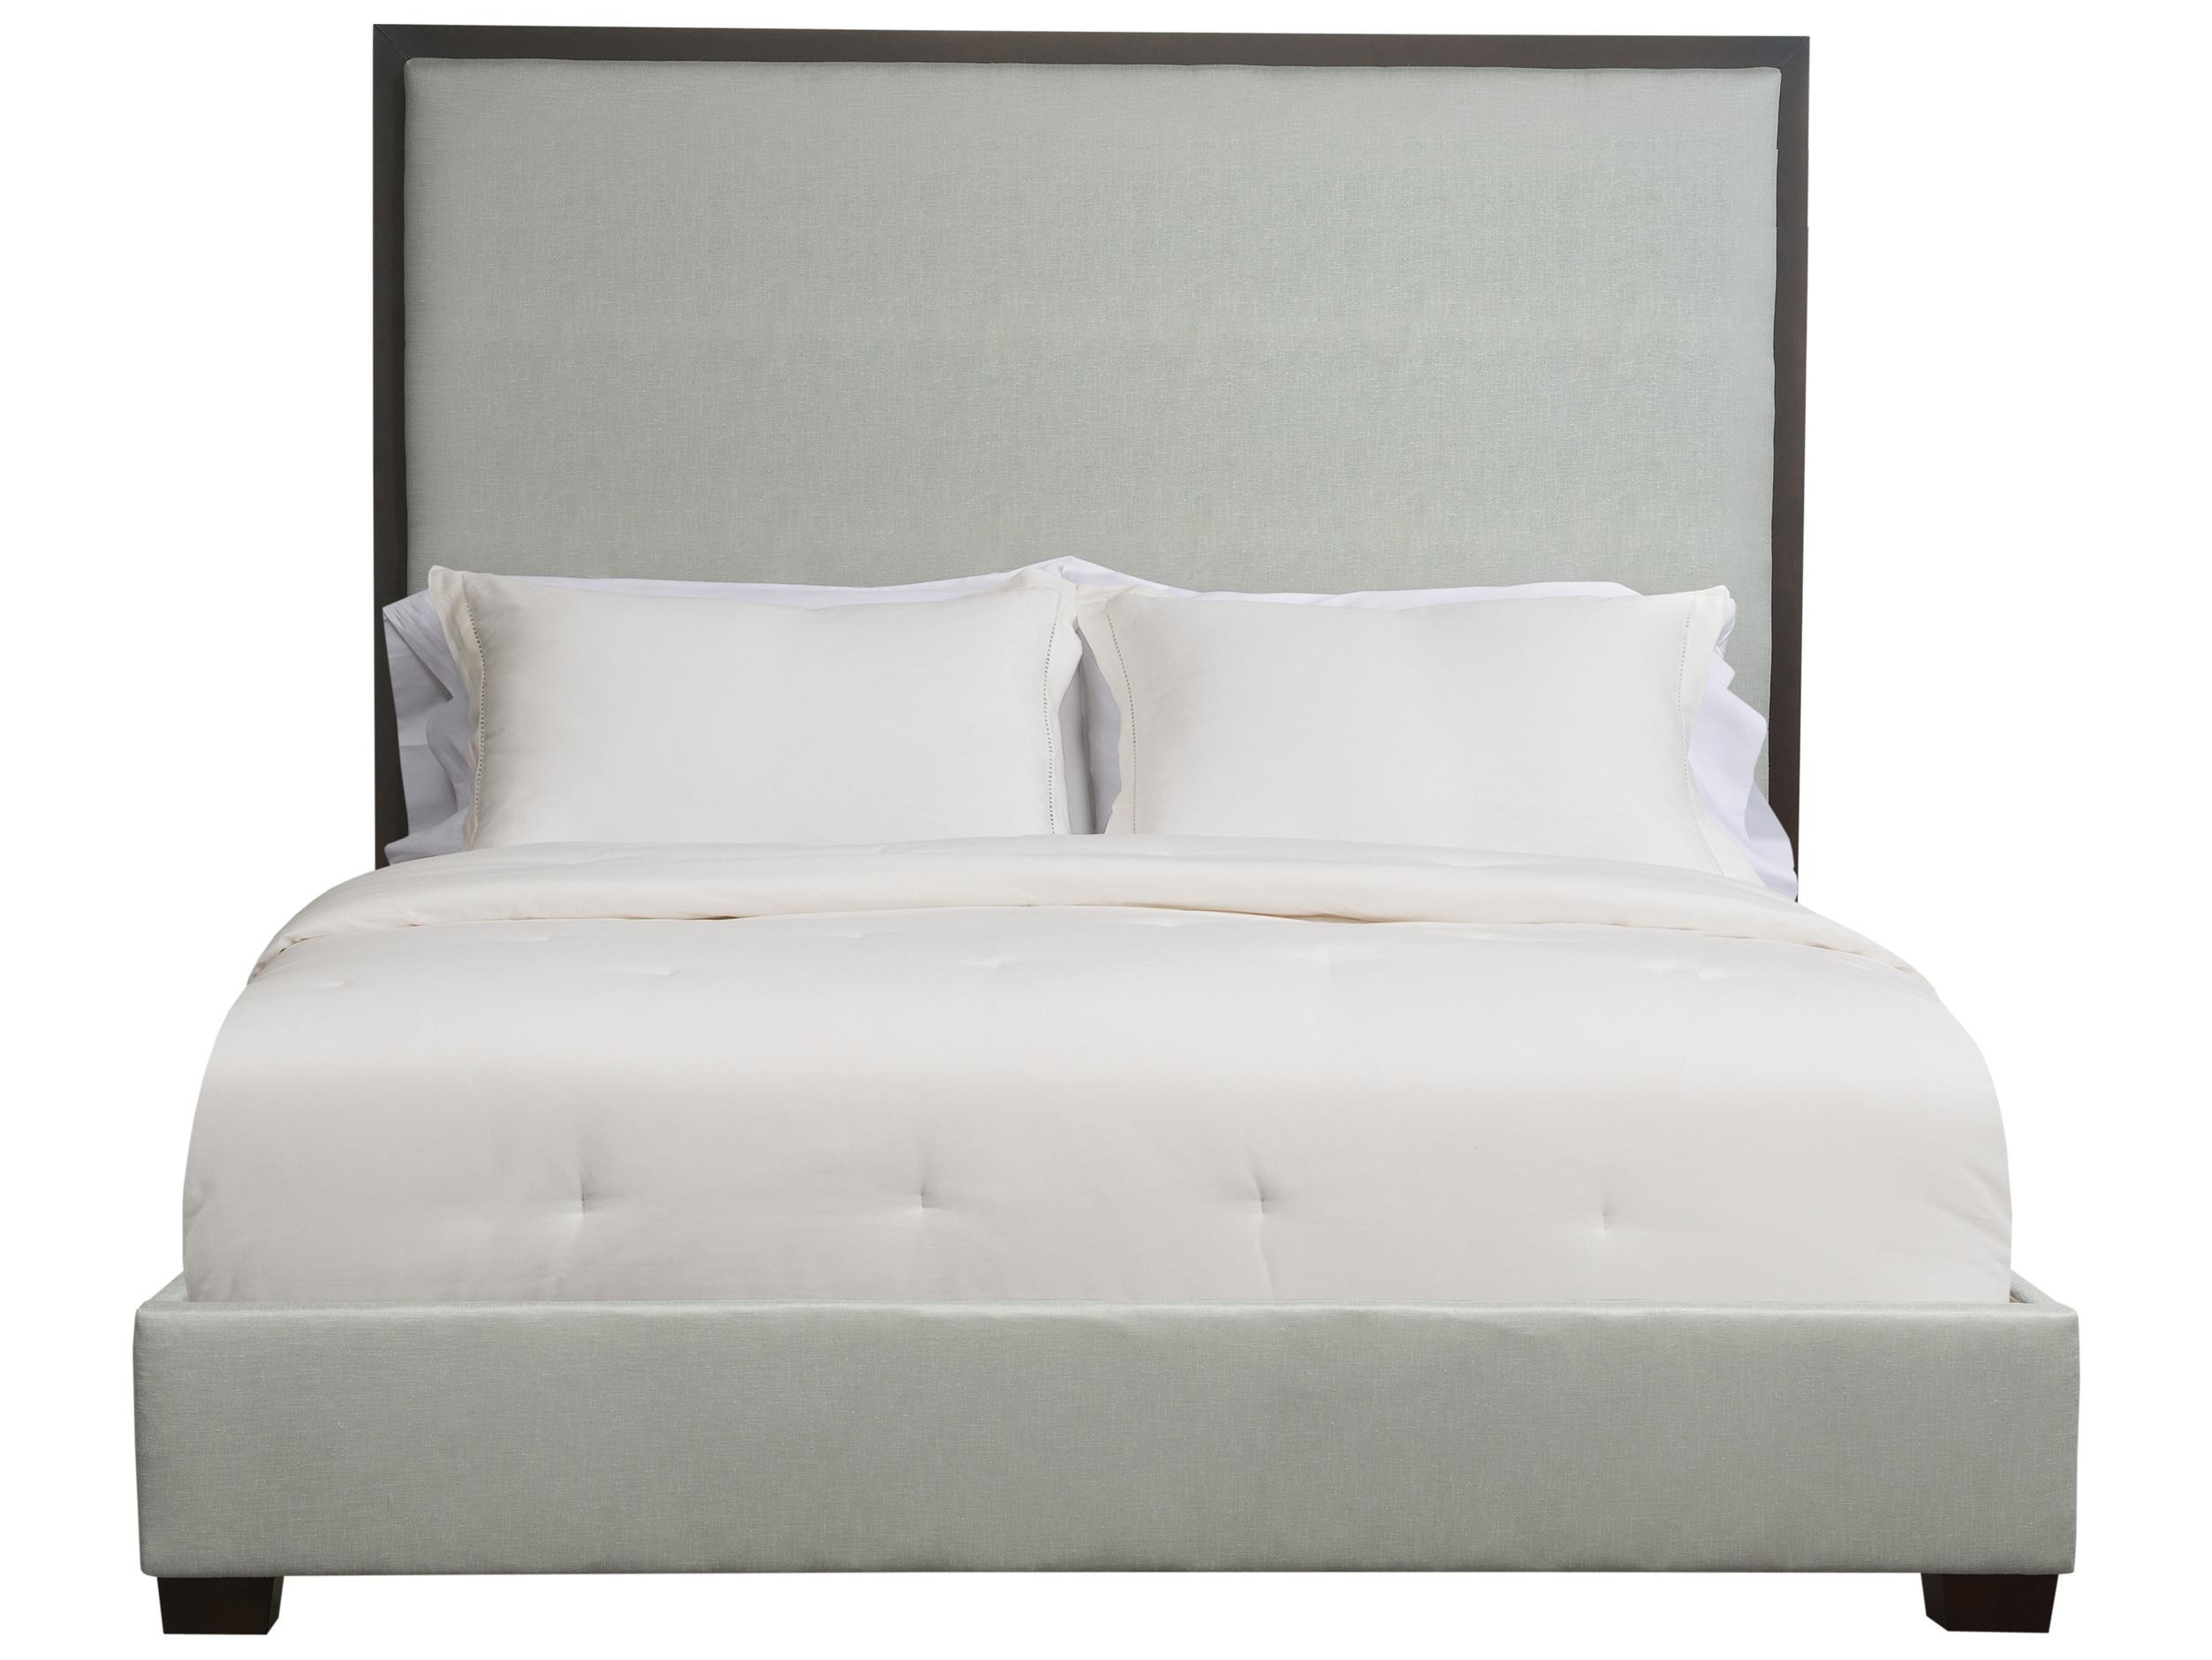 Duralee Soho 72 High King Size Platform Bed Drl40310k1